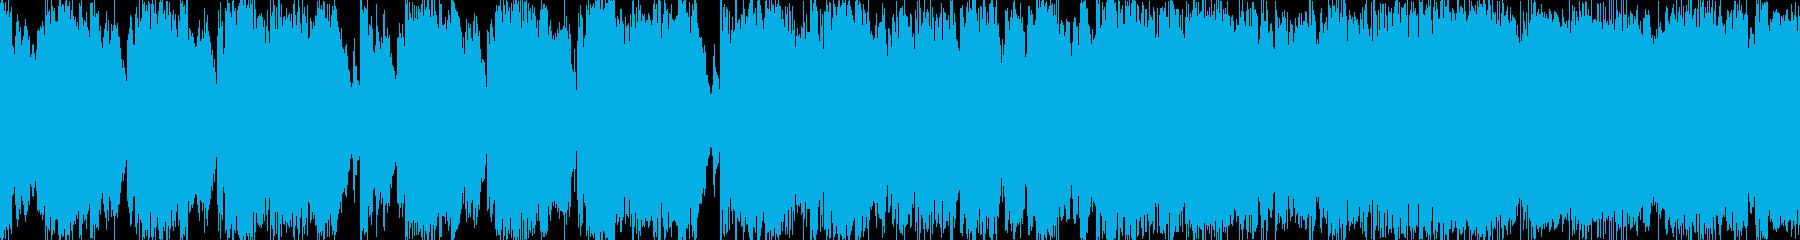 ケルト音楽風行進曲ループ BGMの再生済みの波形